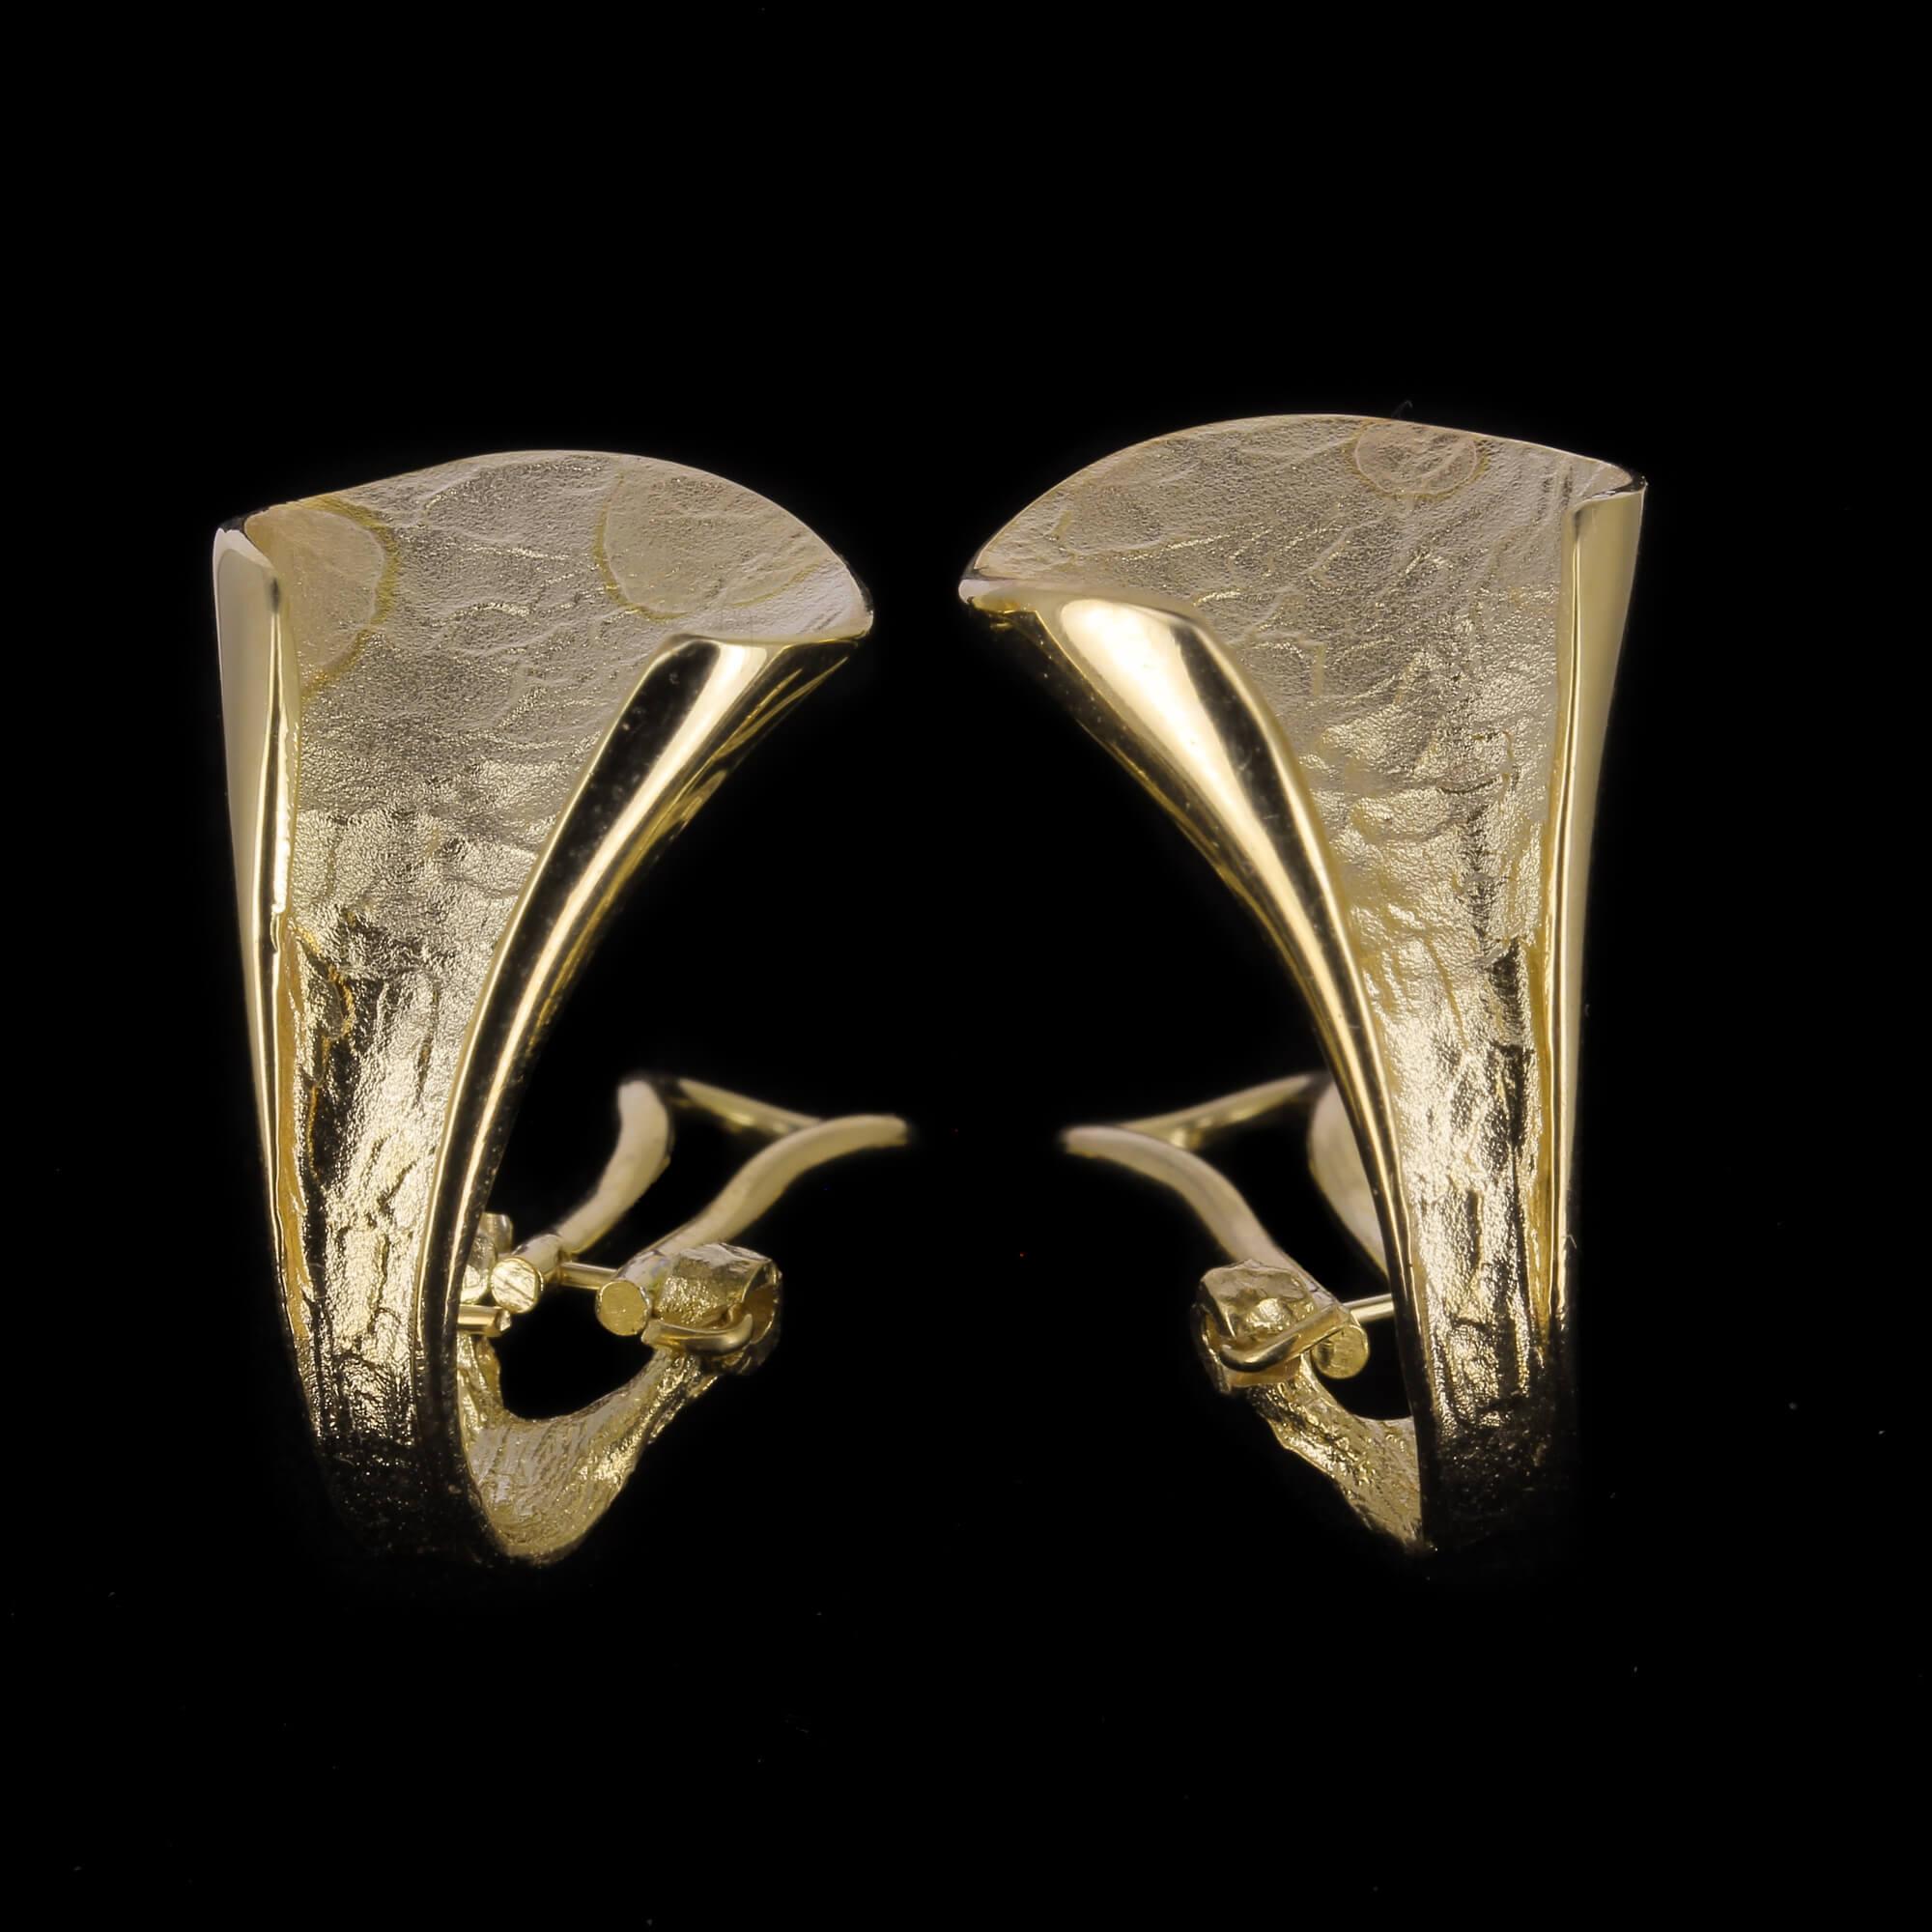 Vergulde en gepolijste oorbellen in V-vorm